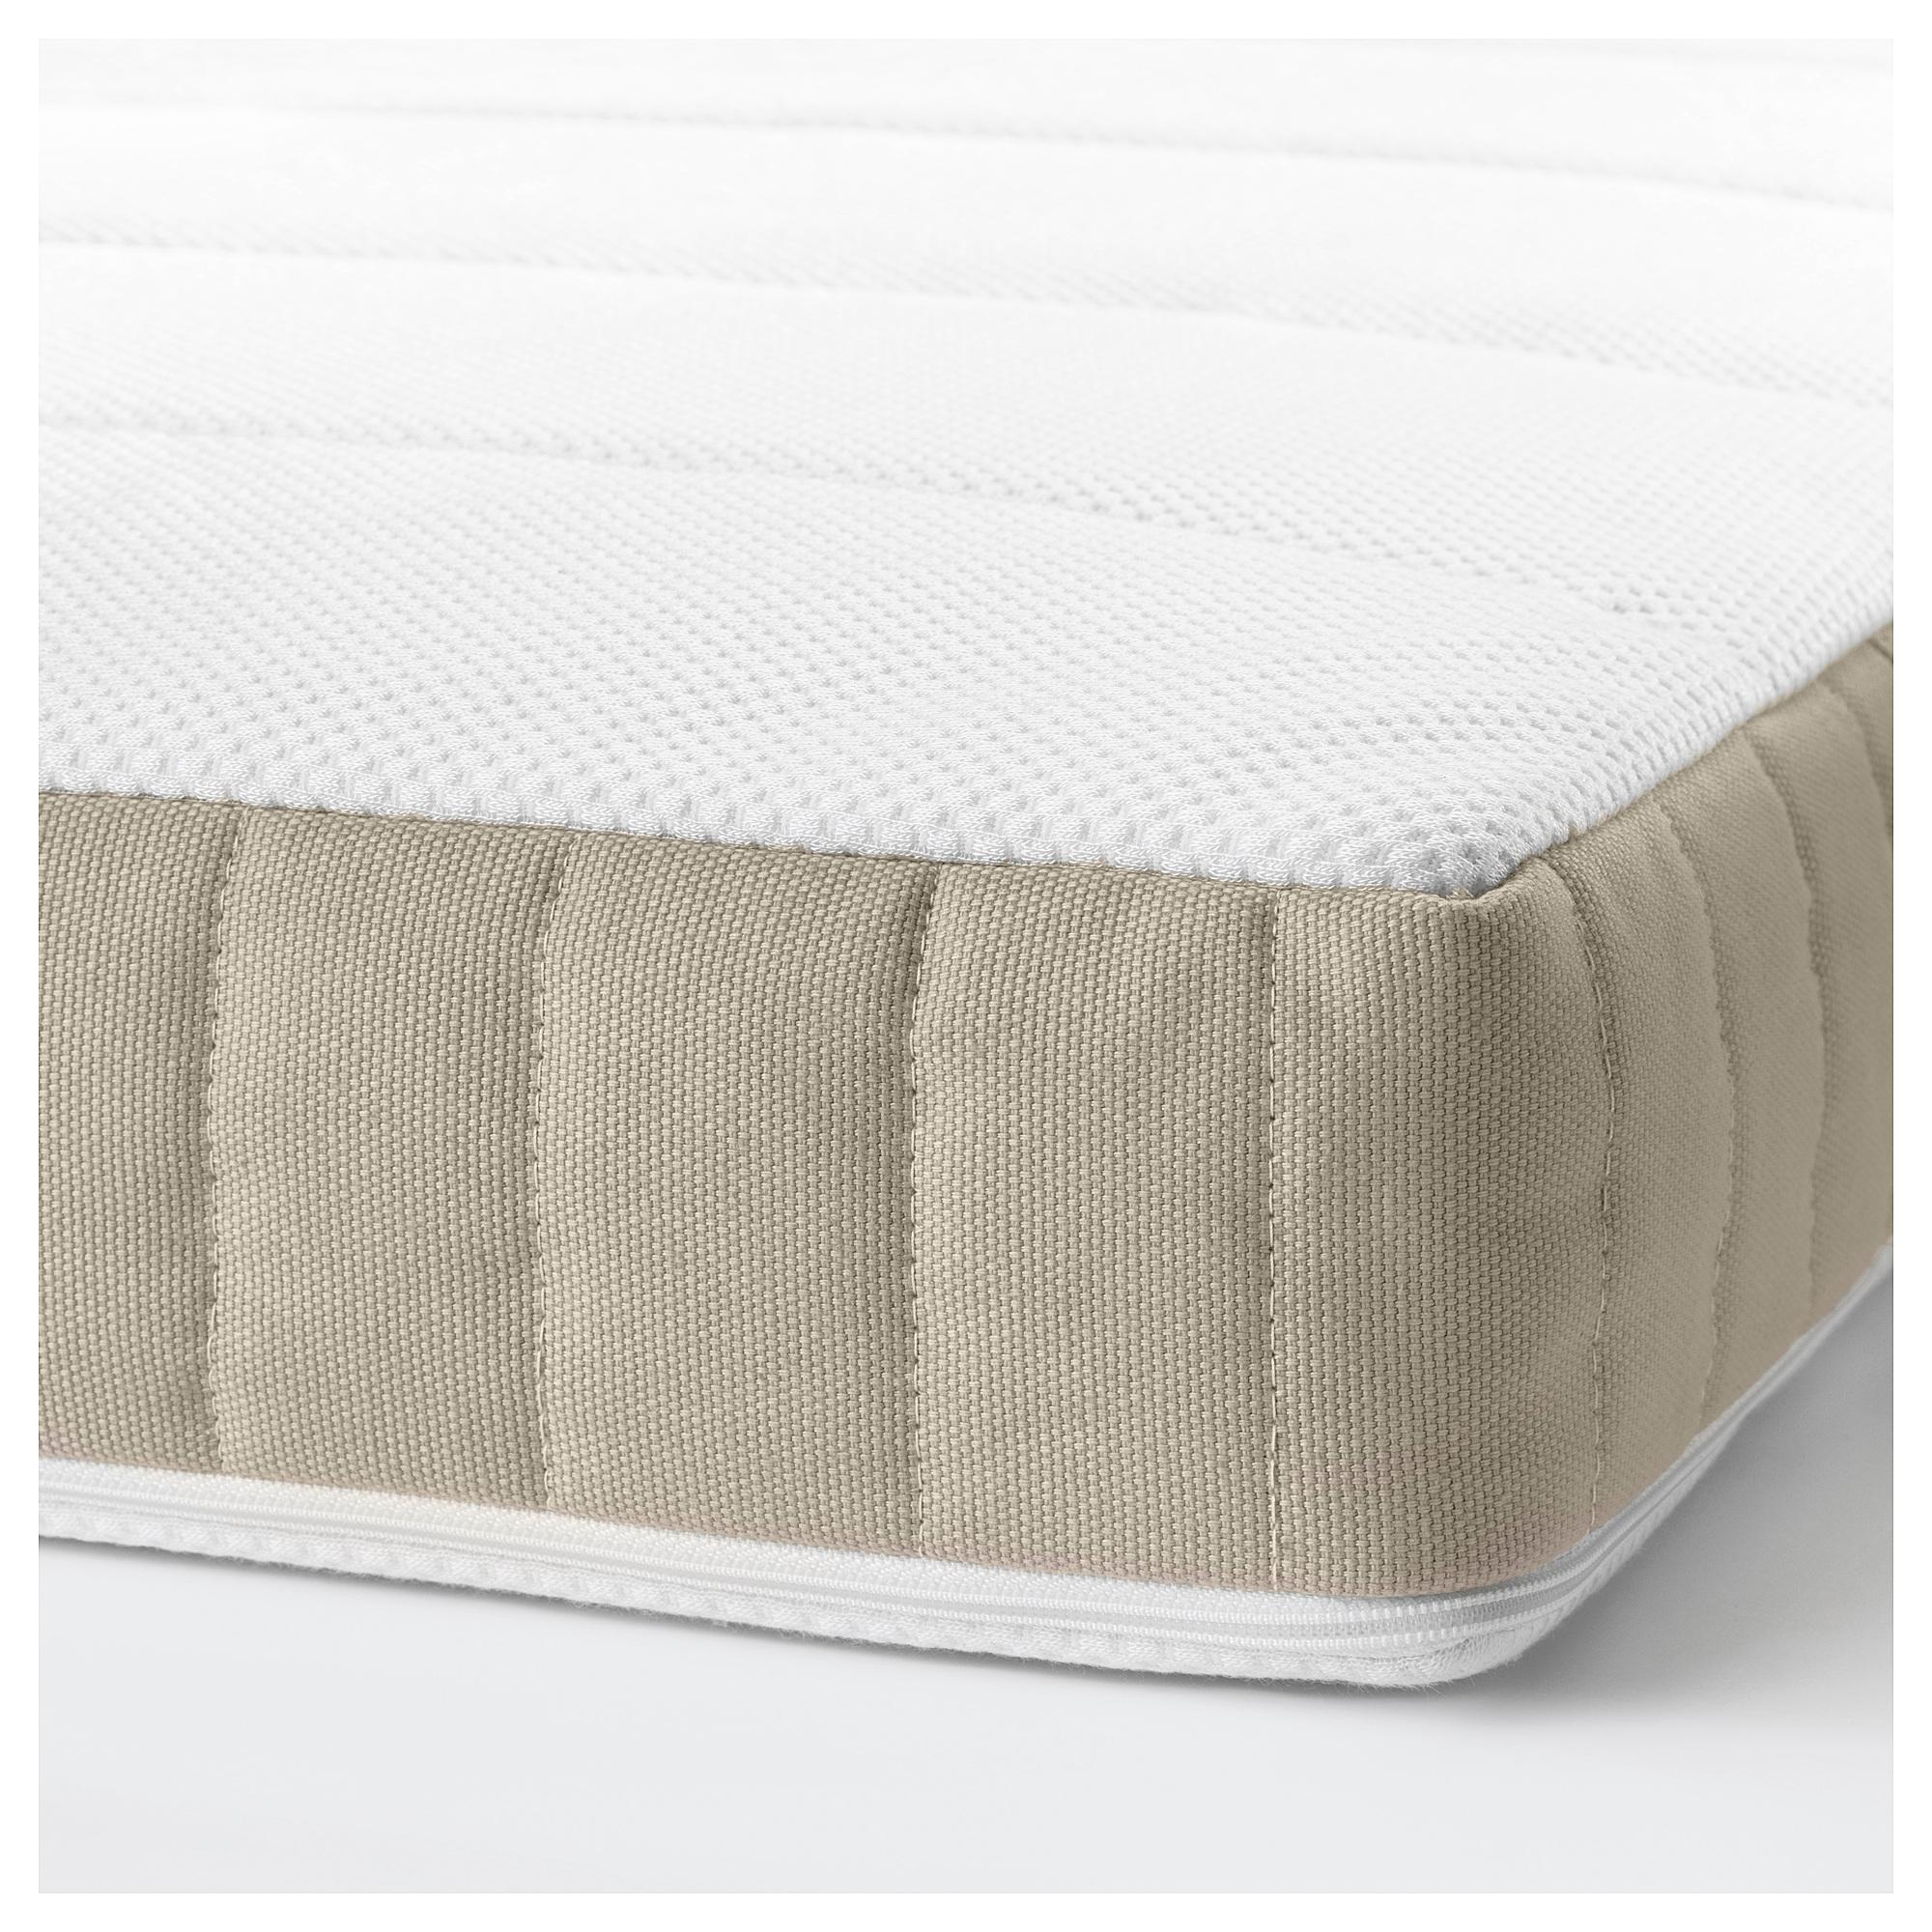 嬰兒床用獨立筒彈簧床墊,